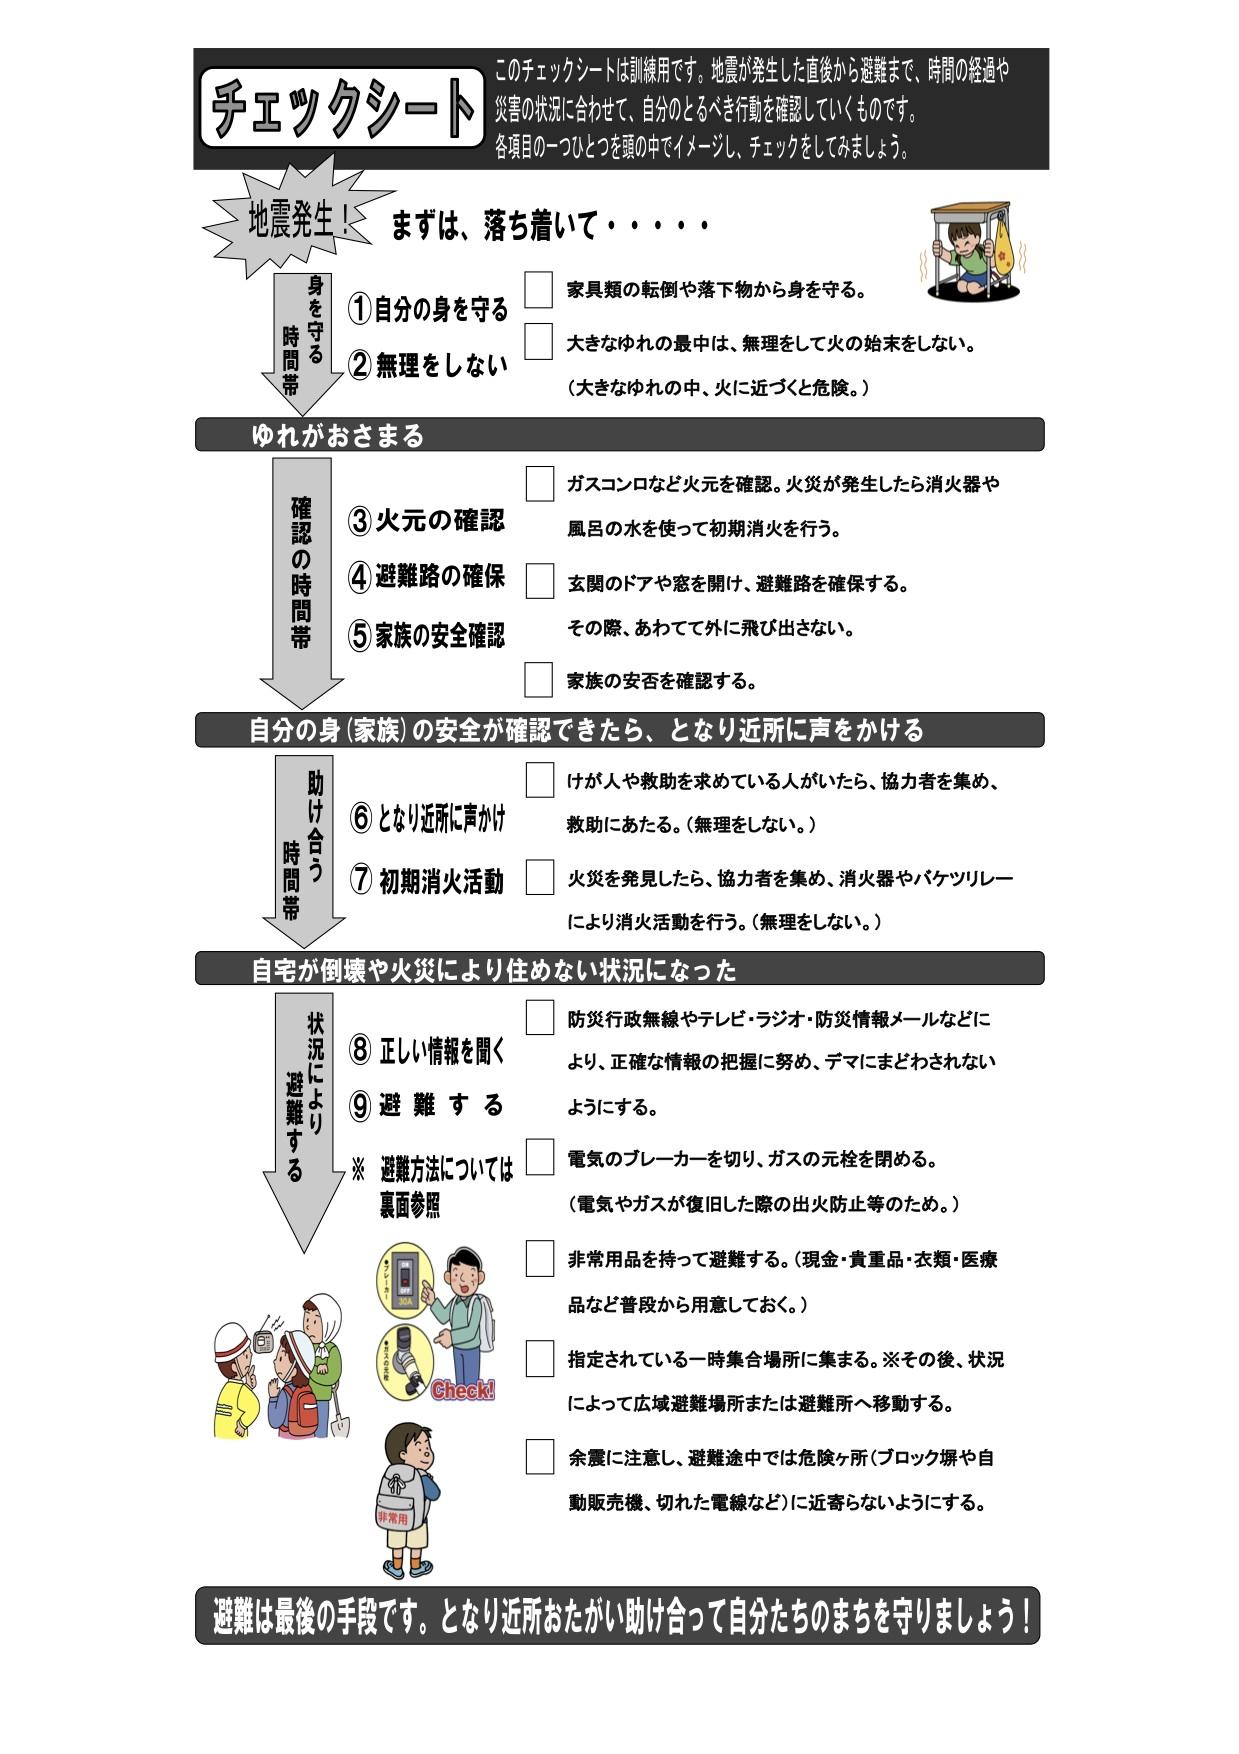 板橋区危機管理室_避難手順書2